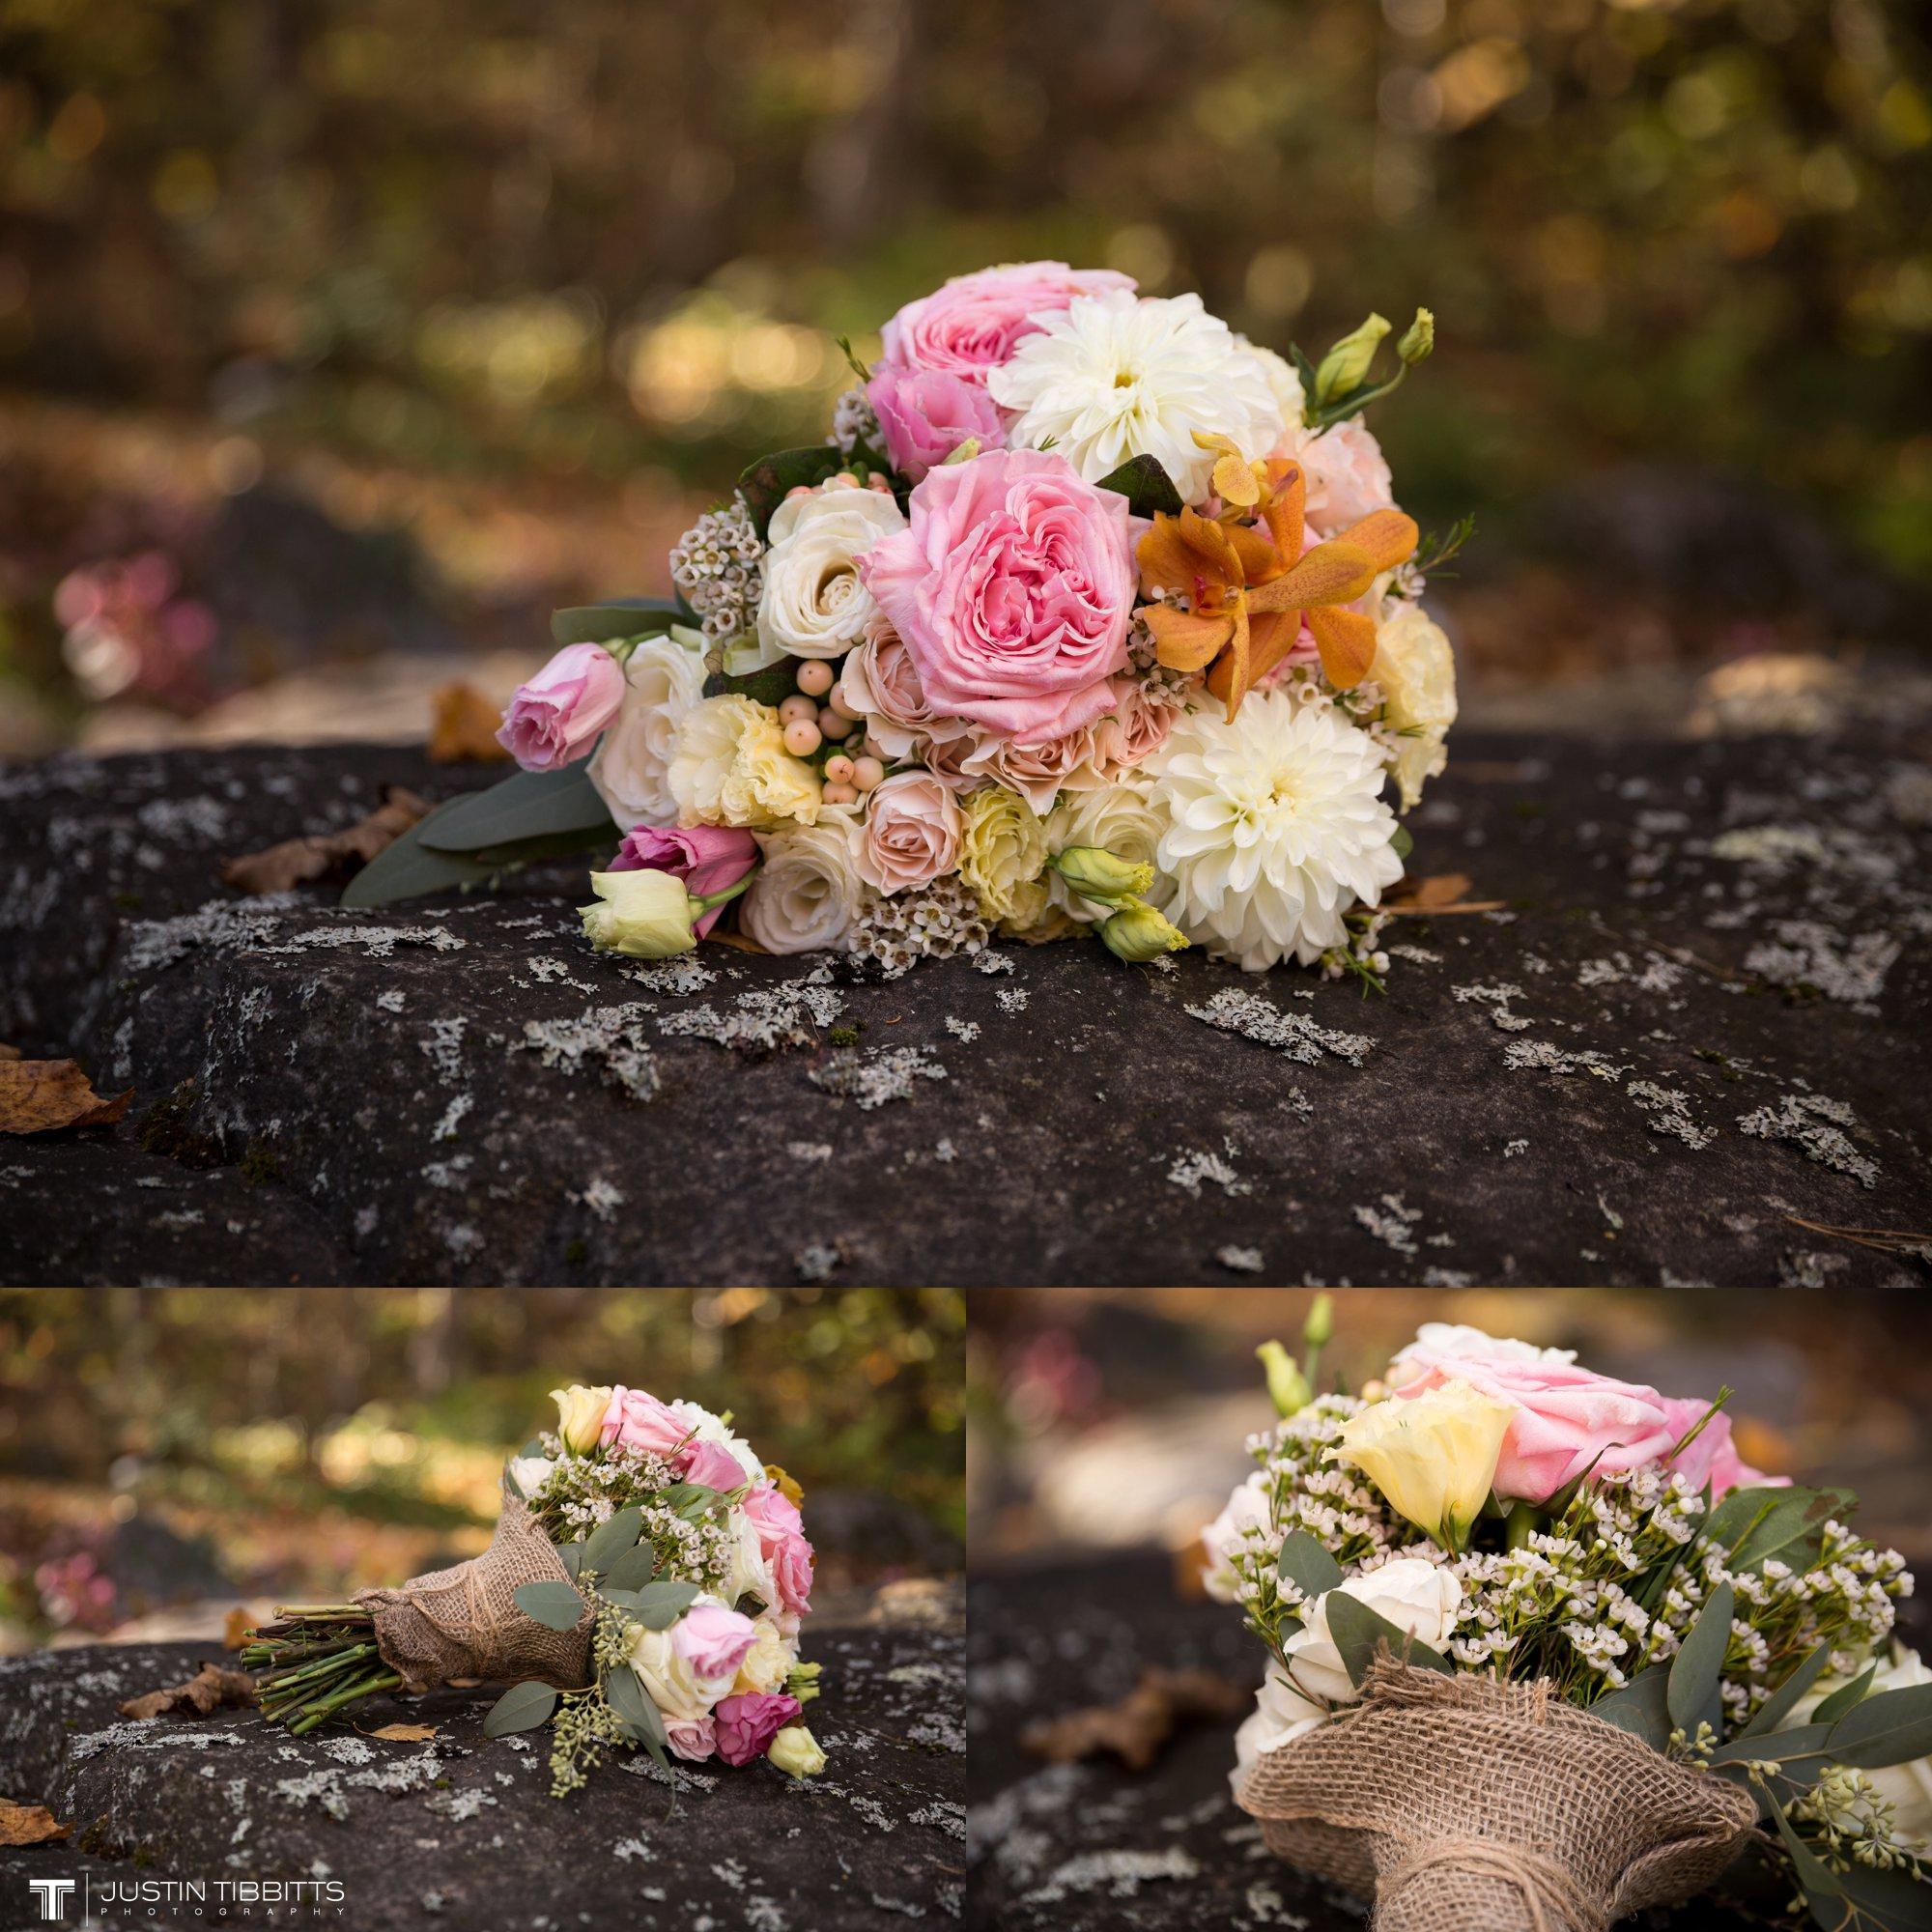 Albany NY Wedding Photographer Justin Tibbitts Photography 2014 Best of Albany NY Weddings-3199429562237